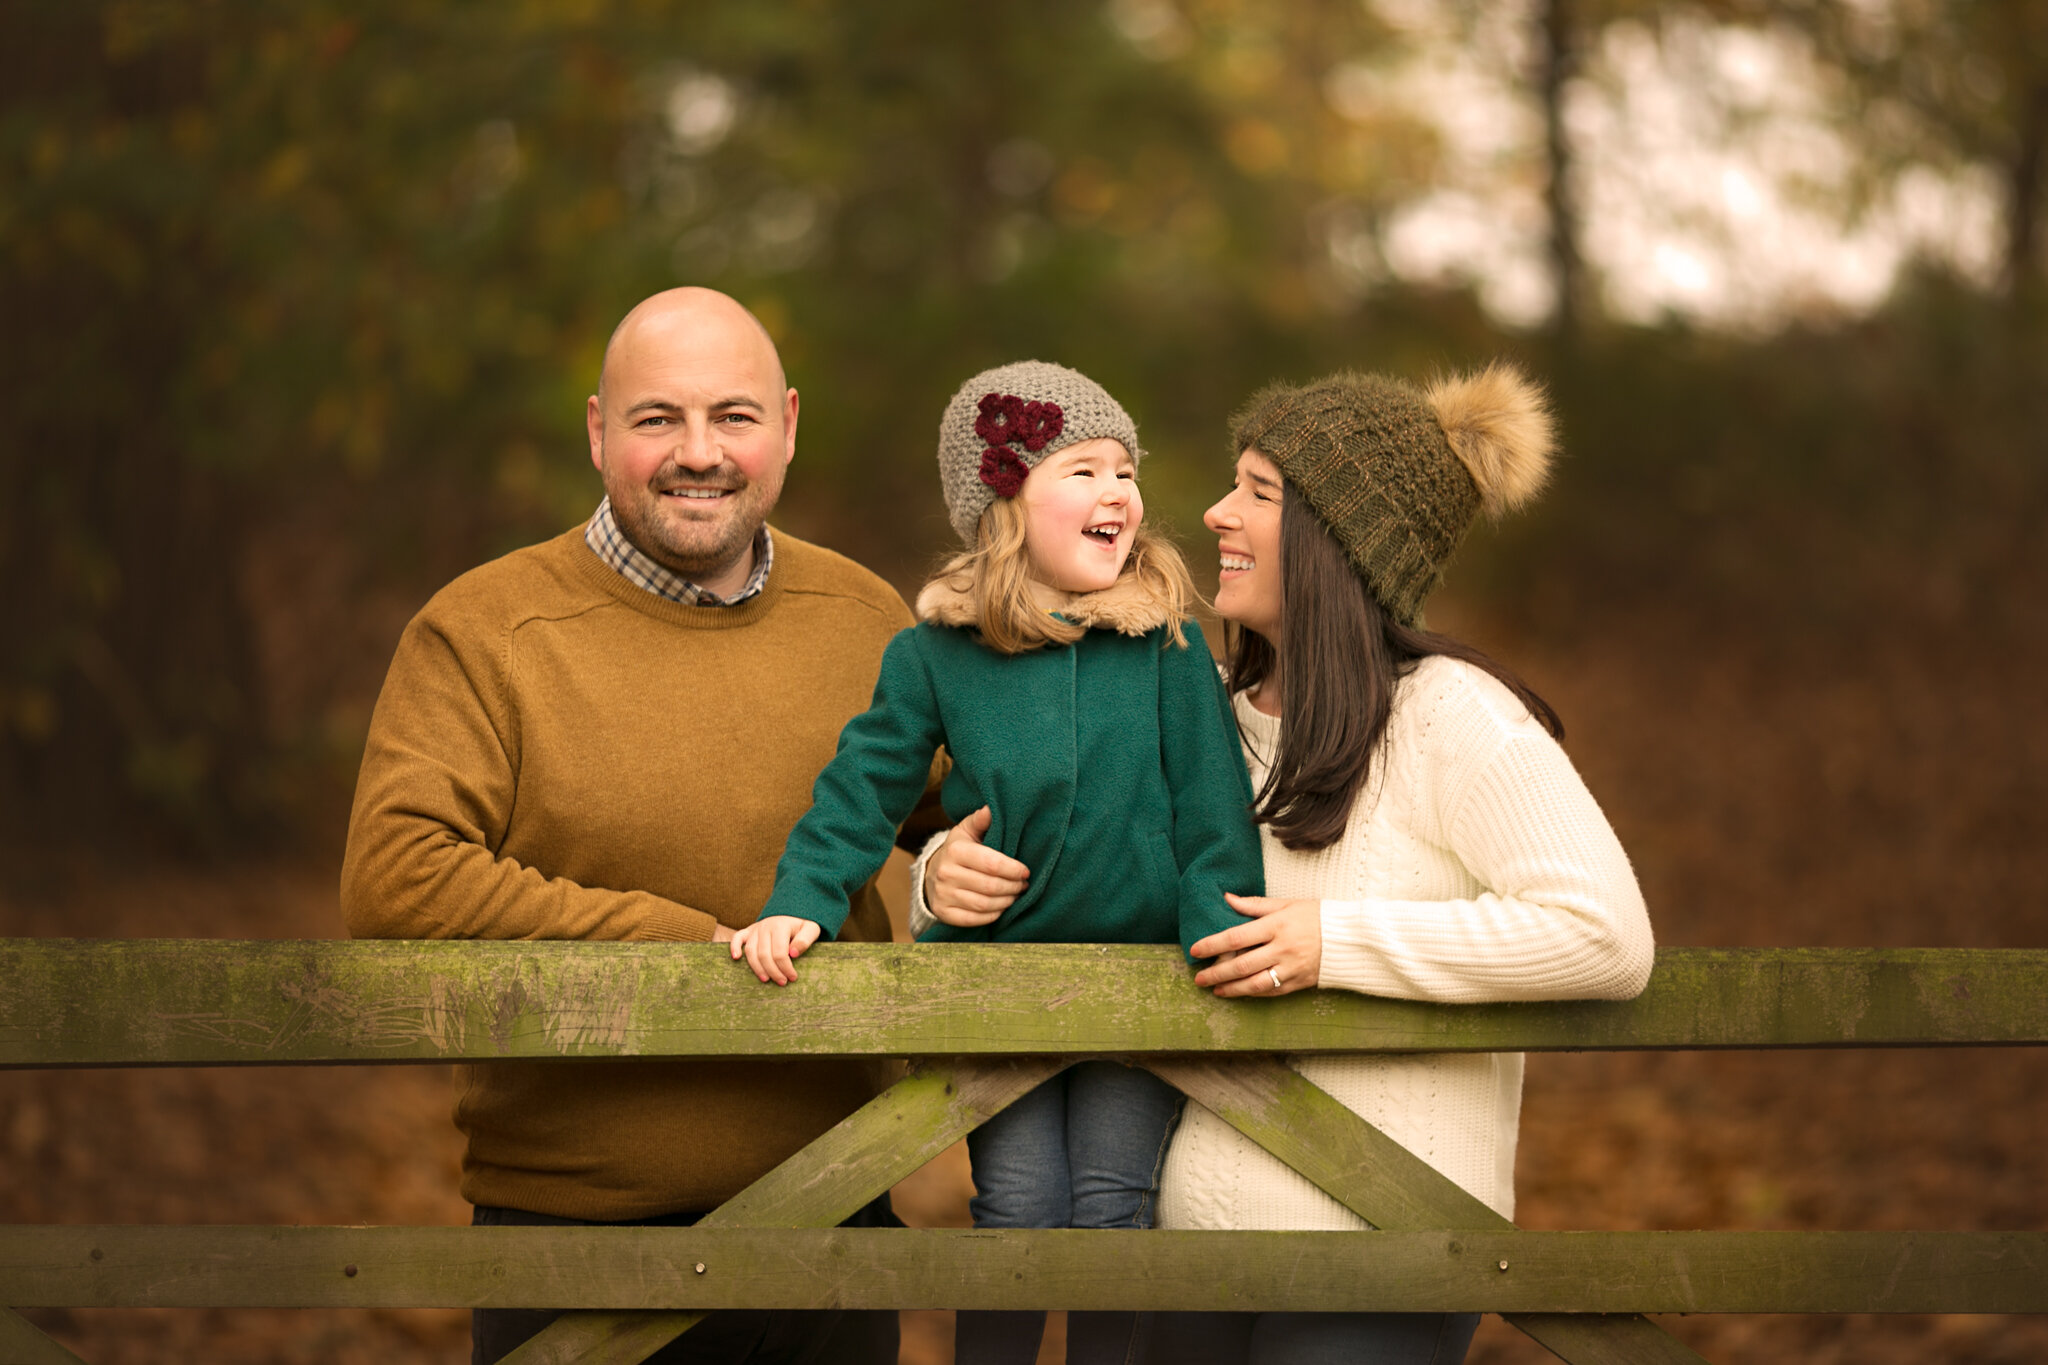 20171029-Autumn Family Photoshoot - Ampthill Park - Bedford.jpg